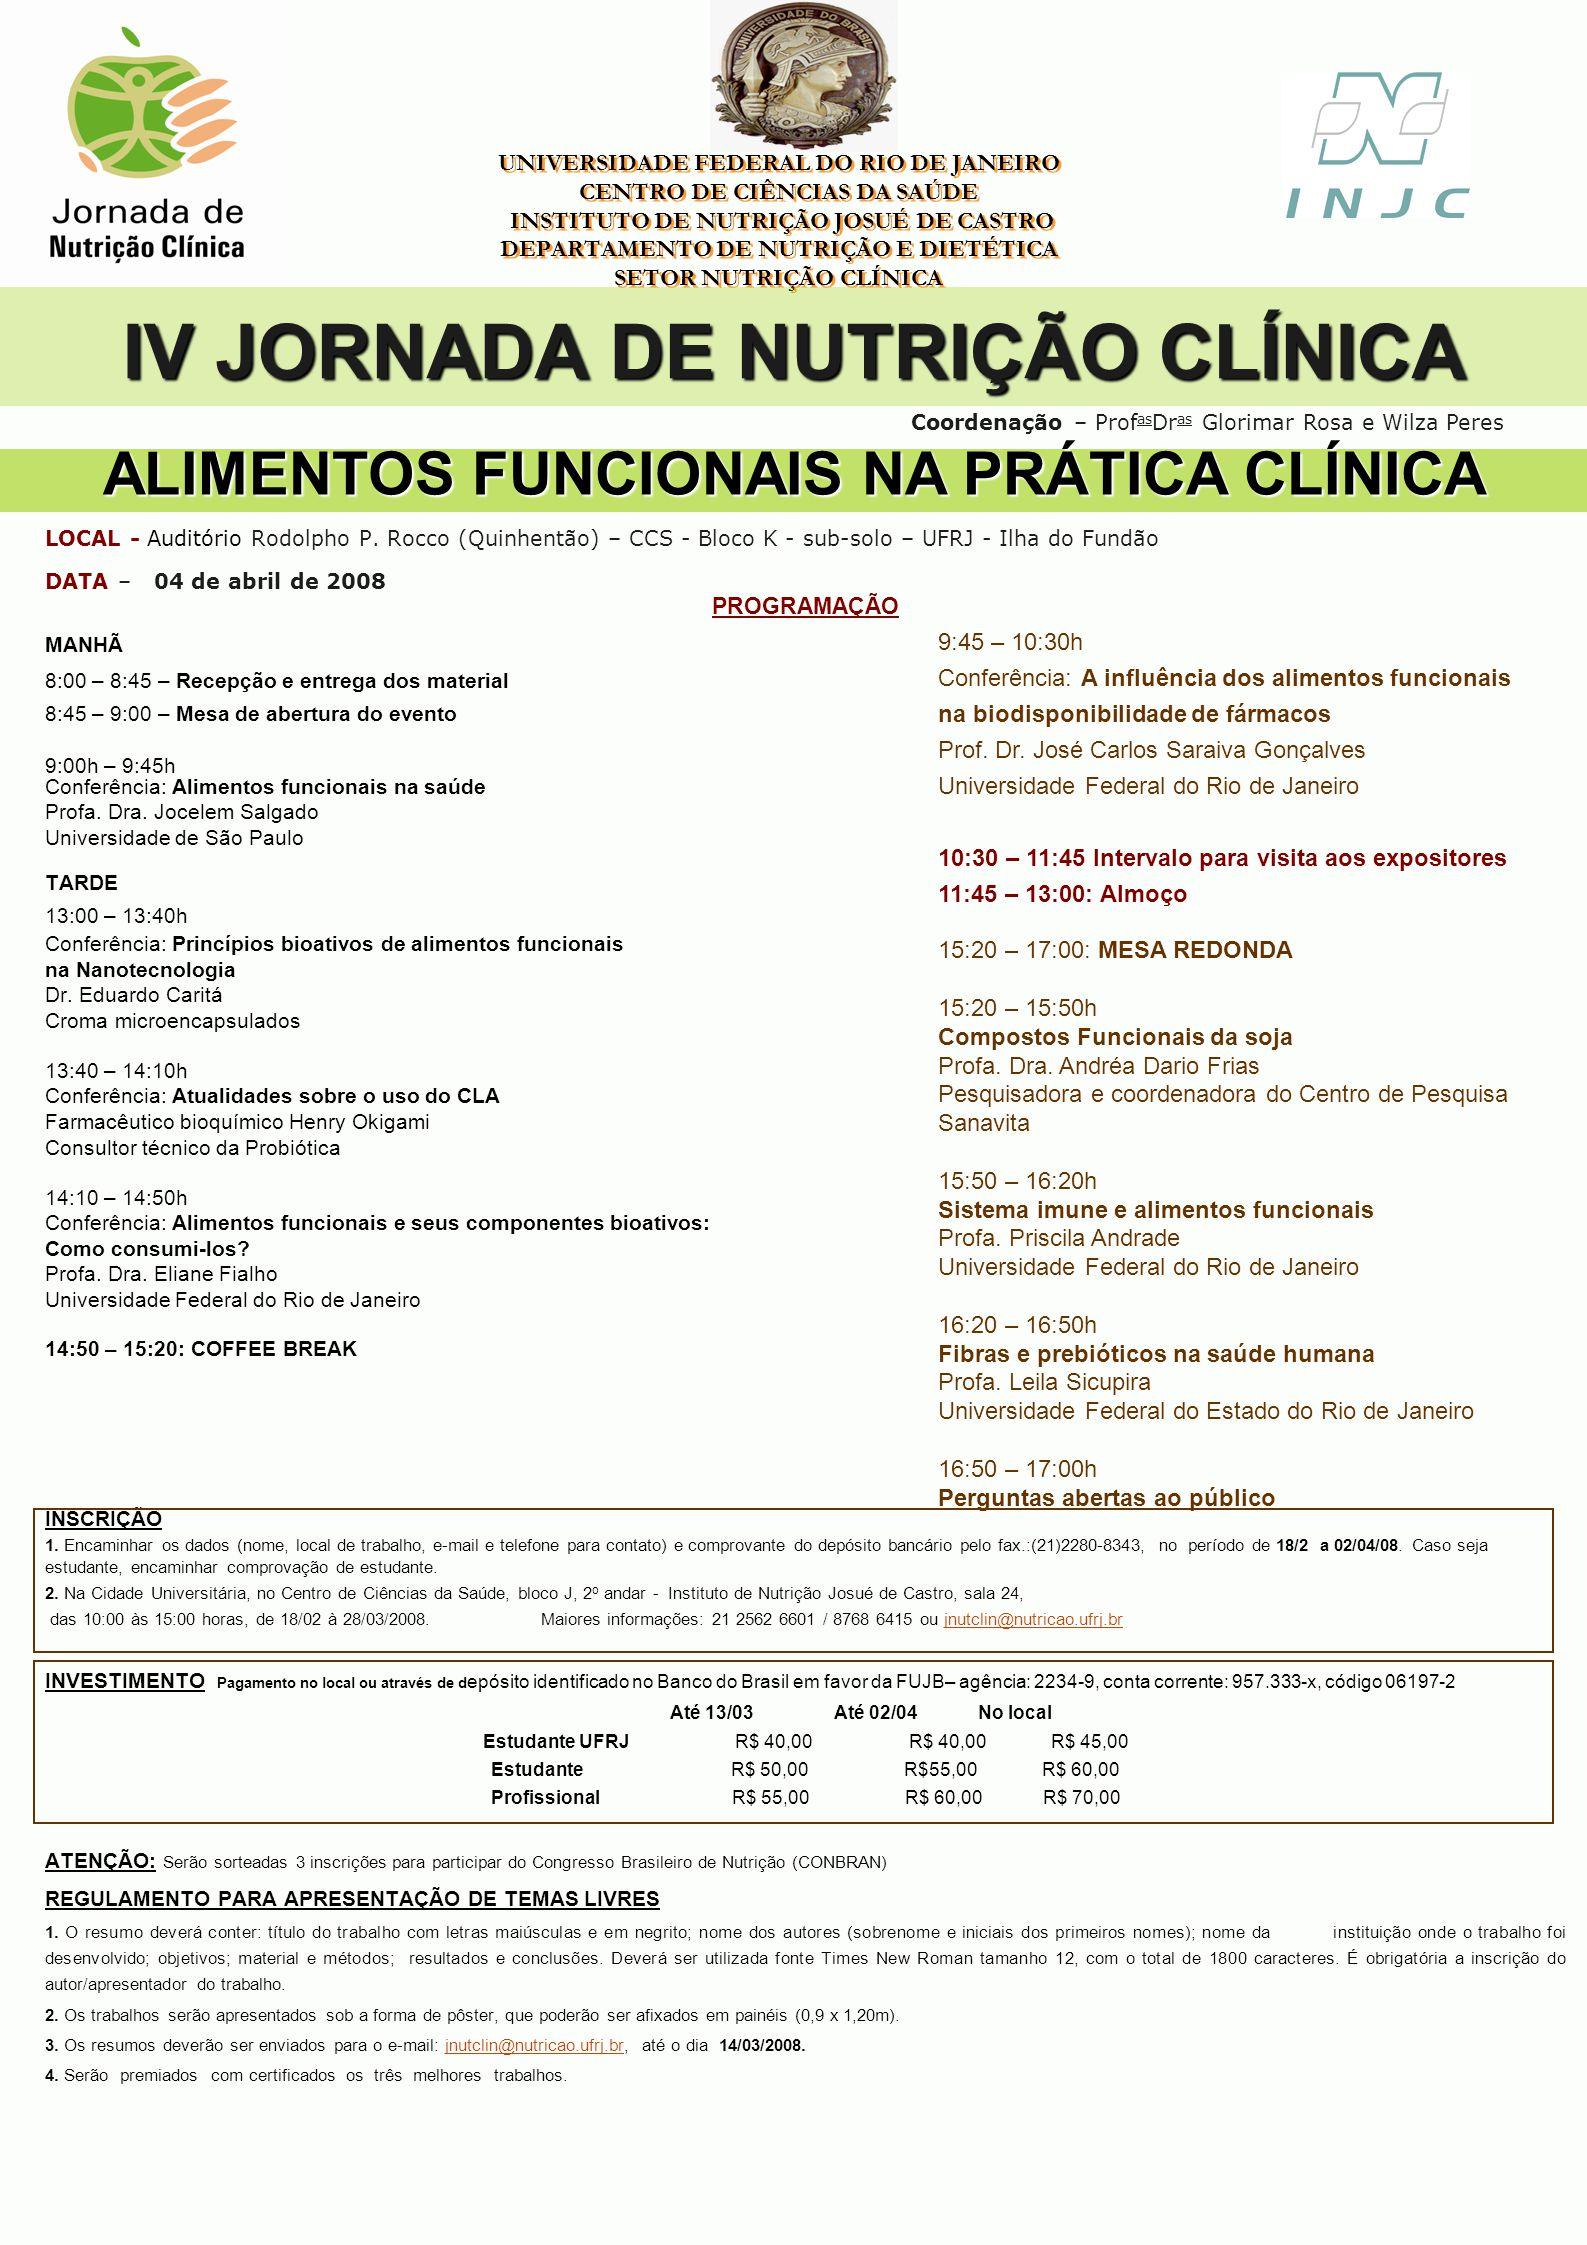 UNIVERSIDADE FEDERAL DO RIO DE JANEIRO CENTRO DE CIÊNCIAS DA SAÚDE INSTITUTO DE NUTRIÇÃO JOSUÉ DE CASTRO DEPARTAMENTO DE NUTRIÇÃO E DIETÉTICA SETOR NUTRIÇÃO CLÍNICA LOCAL - Auditório Rodolpho P.